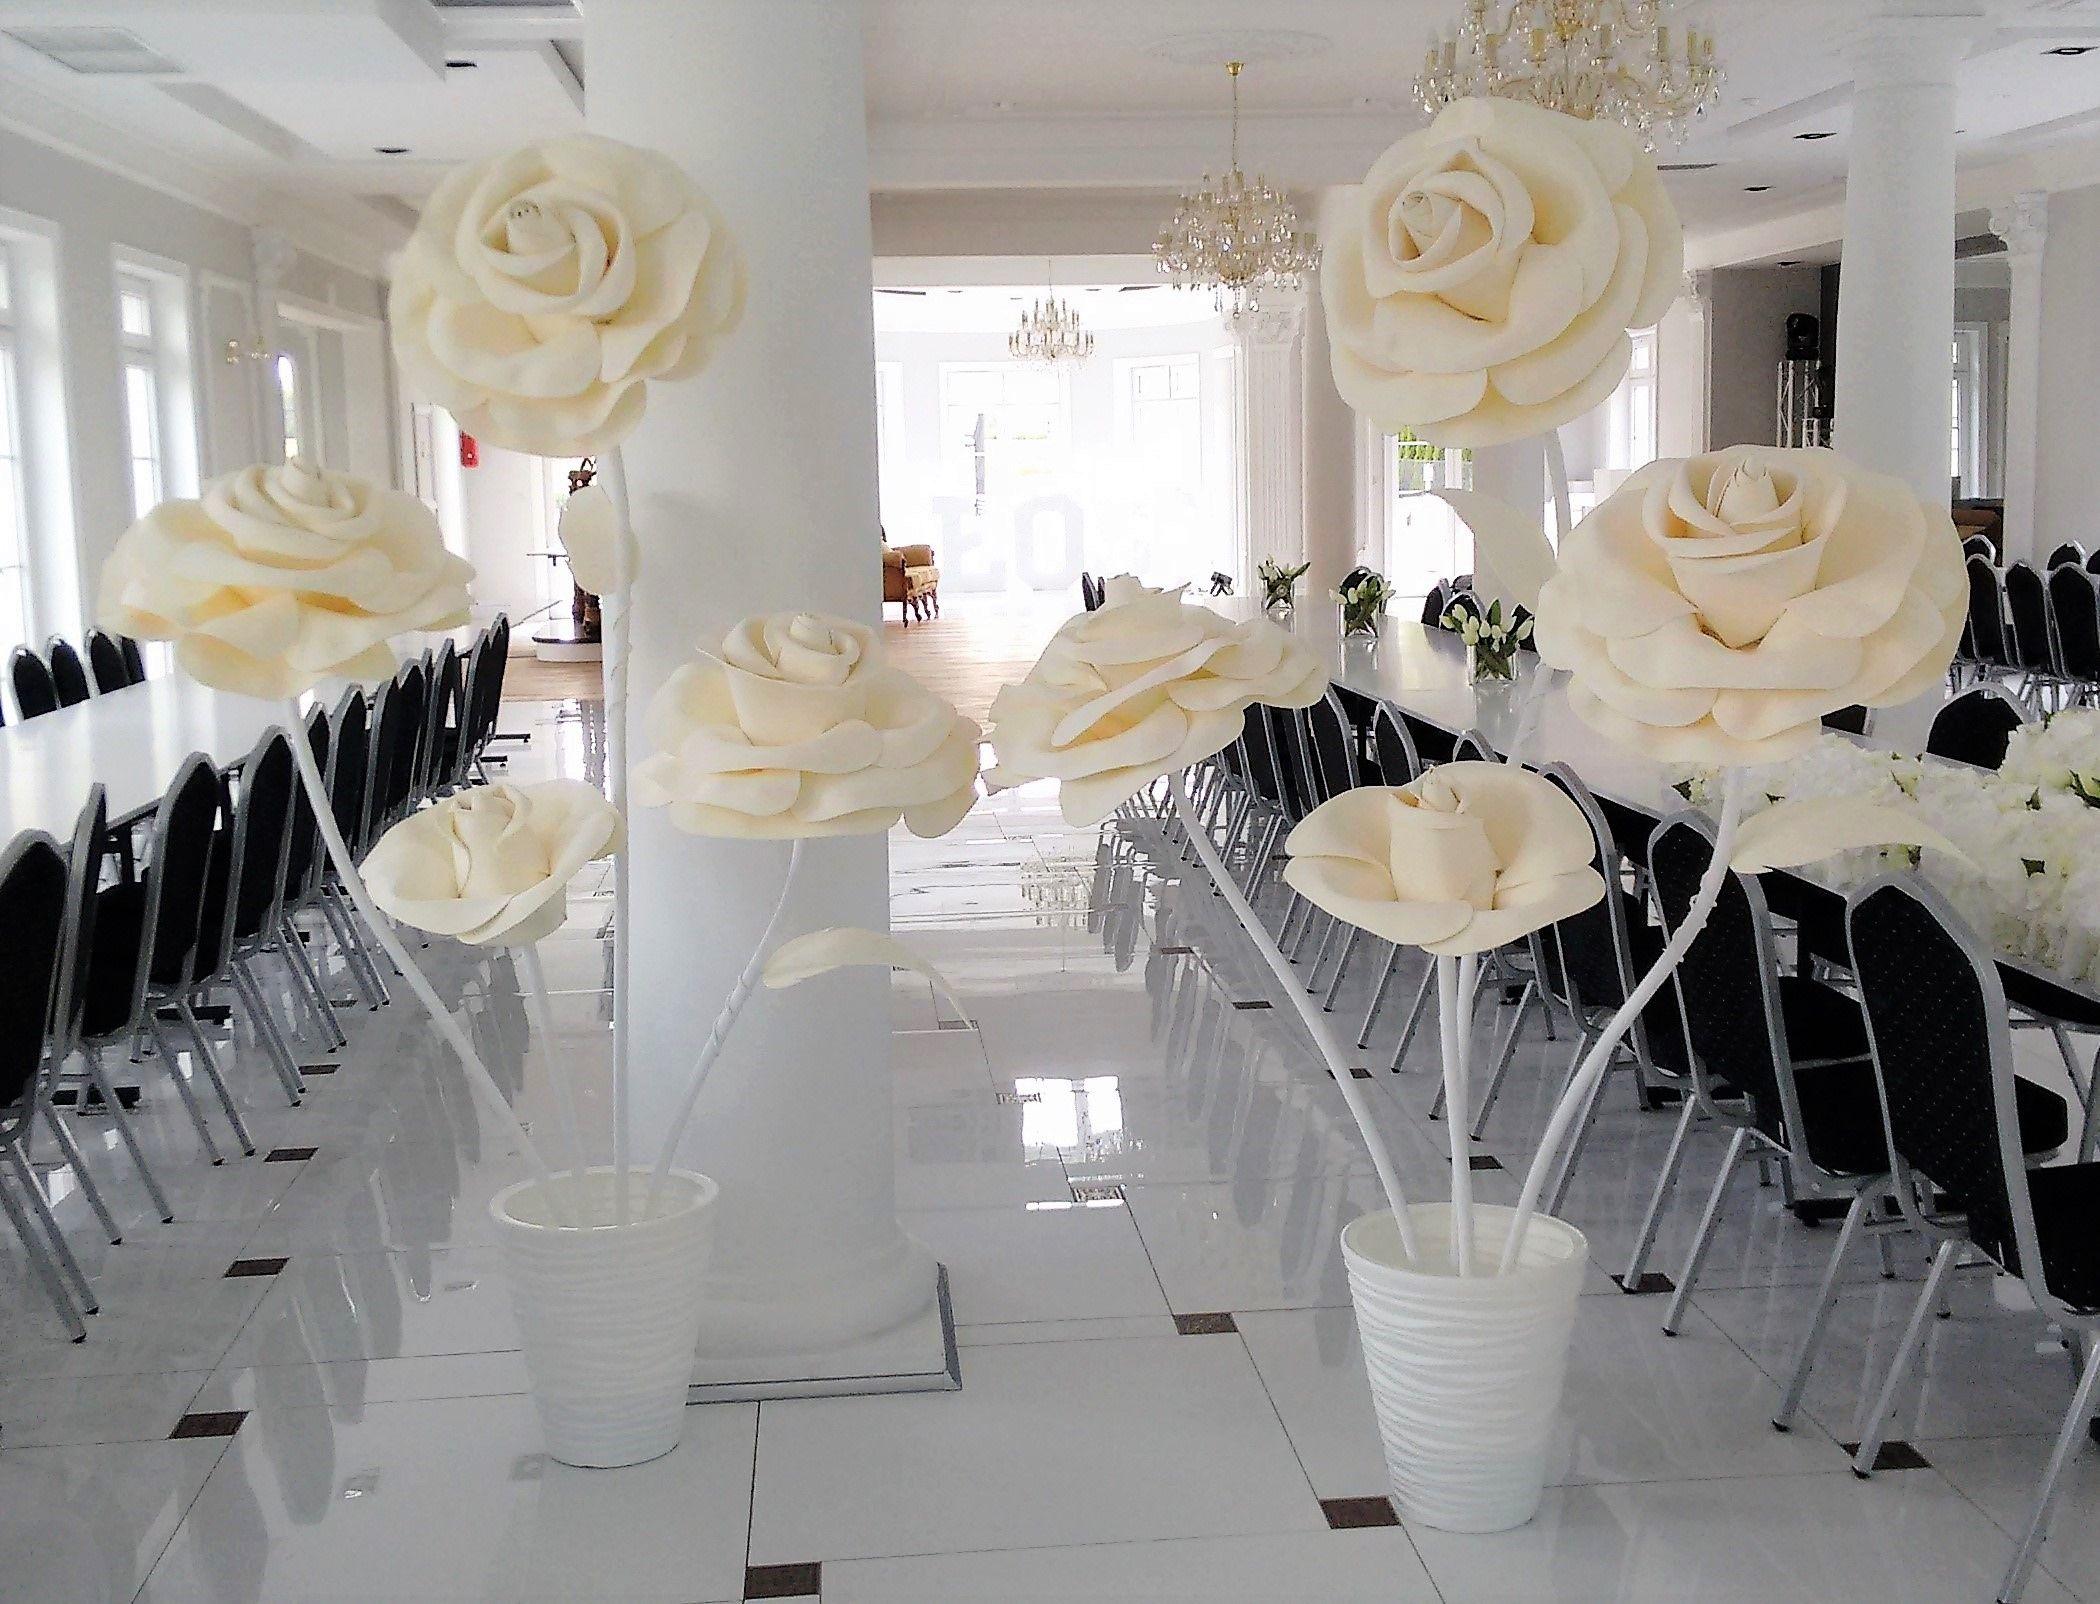 Giant Flowers Kwiaty Giganty Wielkie Kwiaty Crepe Flowers Giant Flowers Wedding Decorations Table Decorations